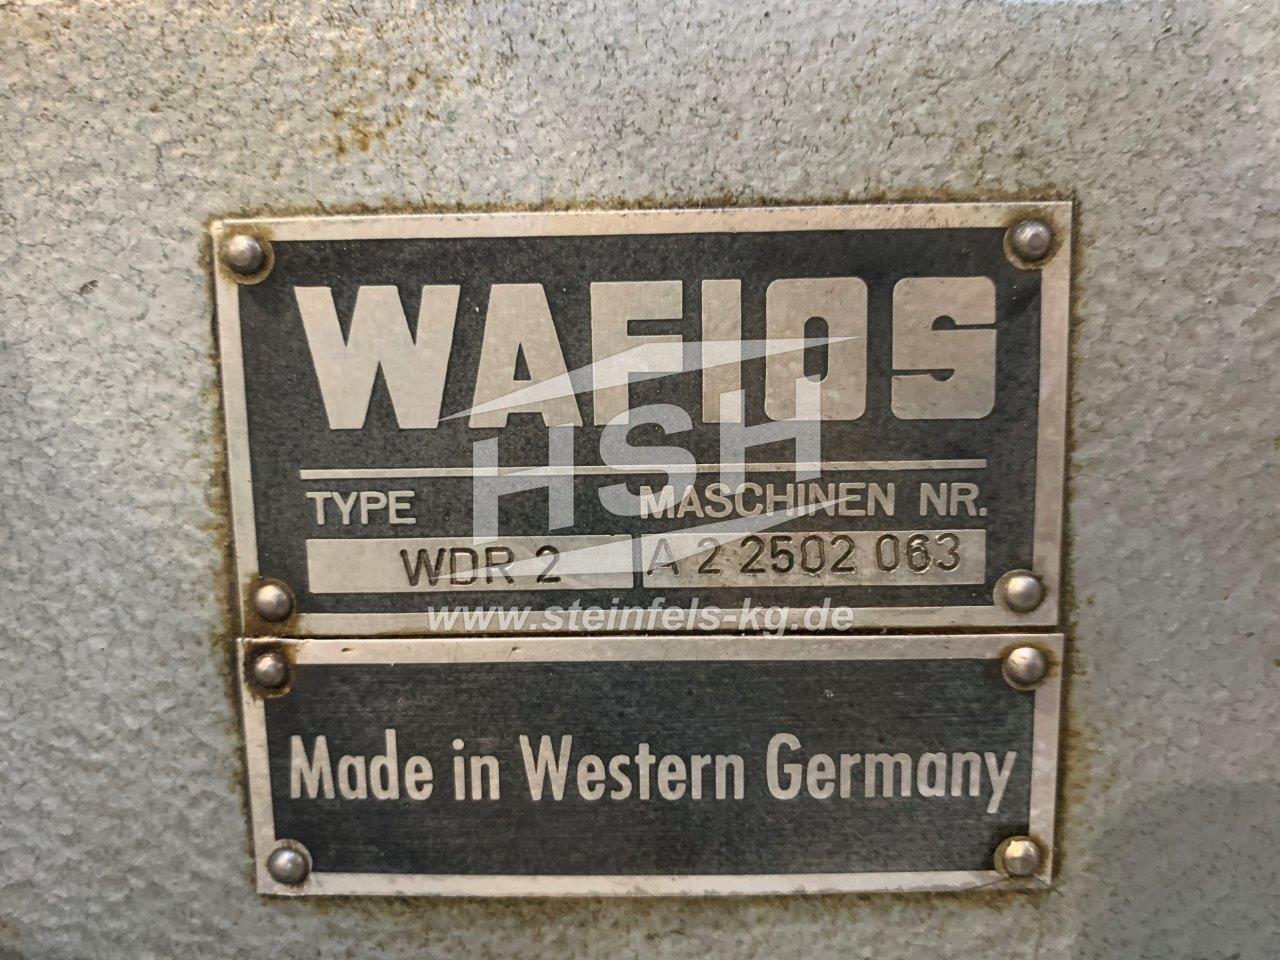 D06L/7825 – WAFIOS – WDR2 – 1,0-5,0 mm